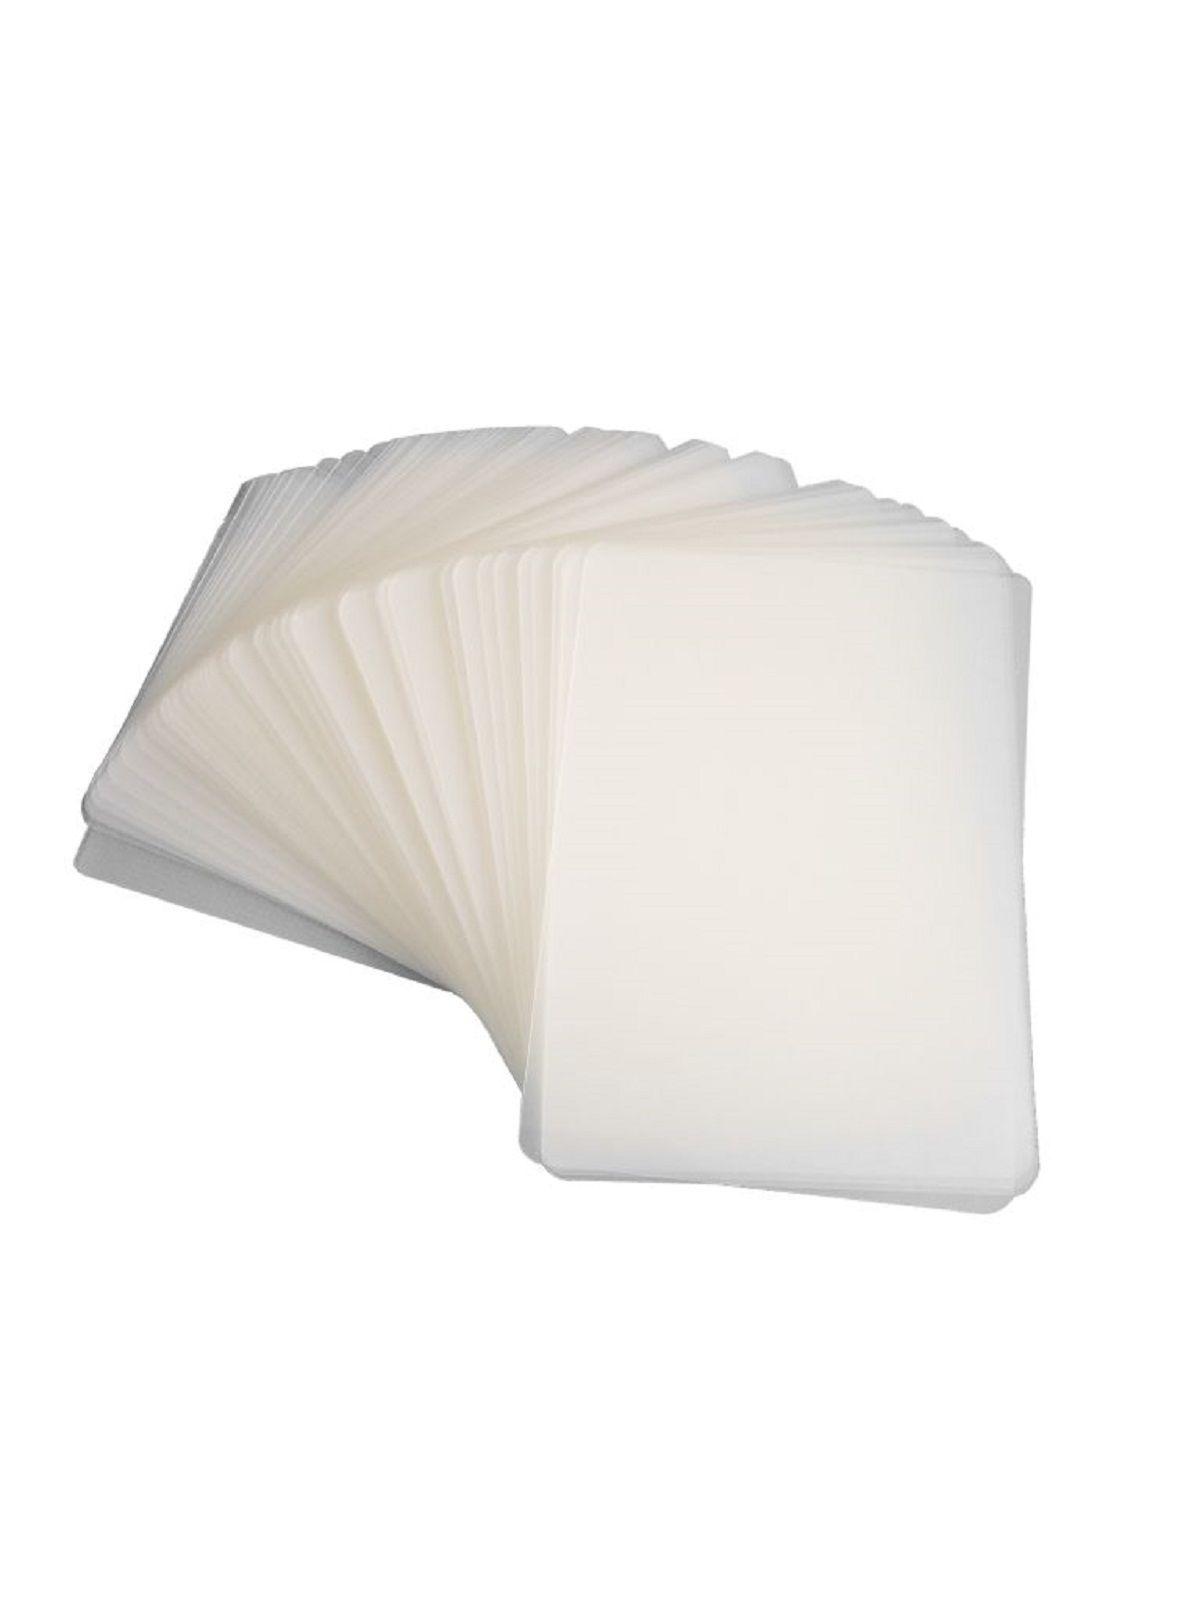 Polaseal para Plastificação CGC 110x170x0,05mm (125 micras) - Pacote com 20 unidades  - Click Suprimentos